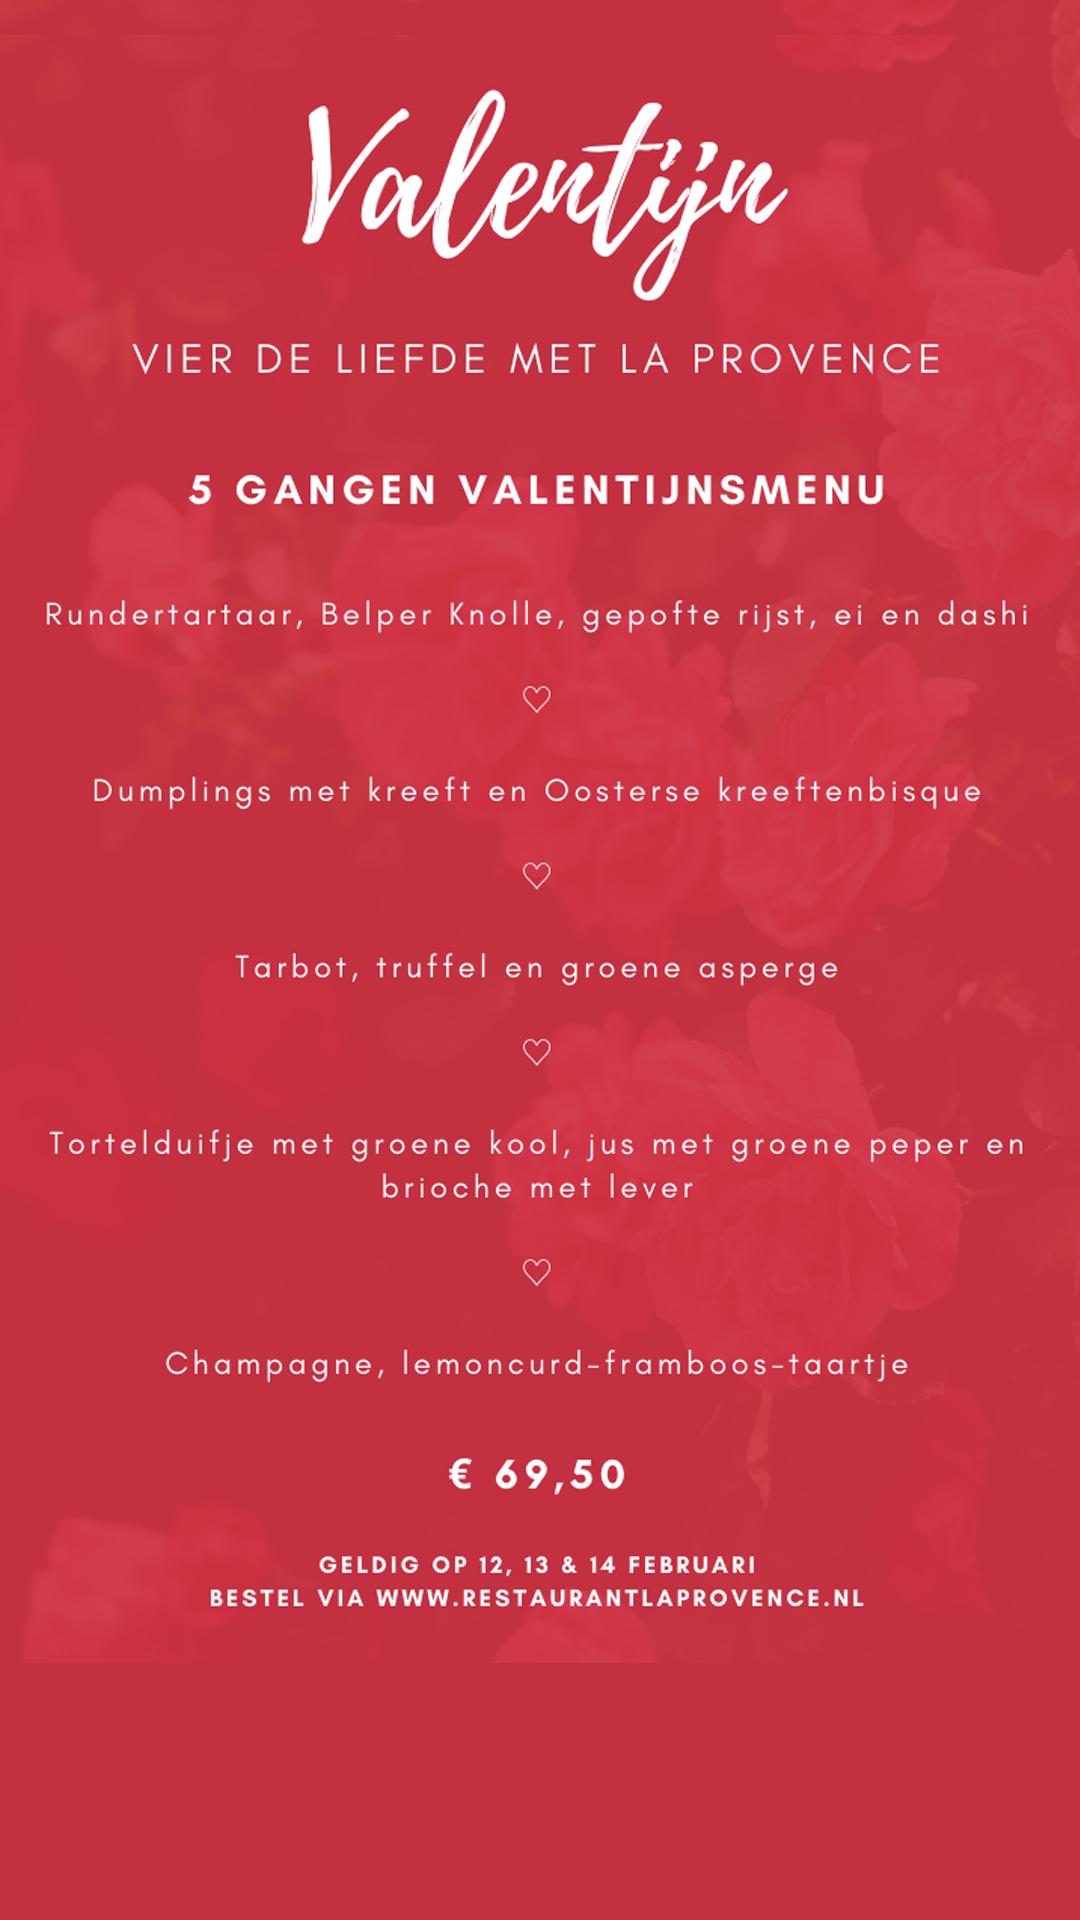 Valentijn-5-gangen-menu